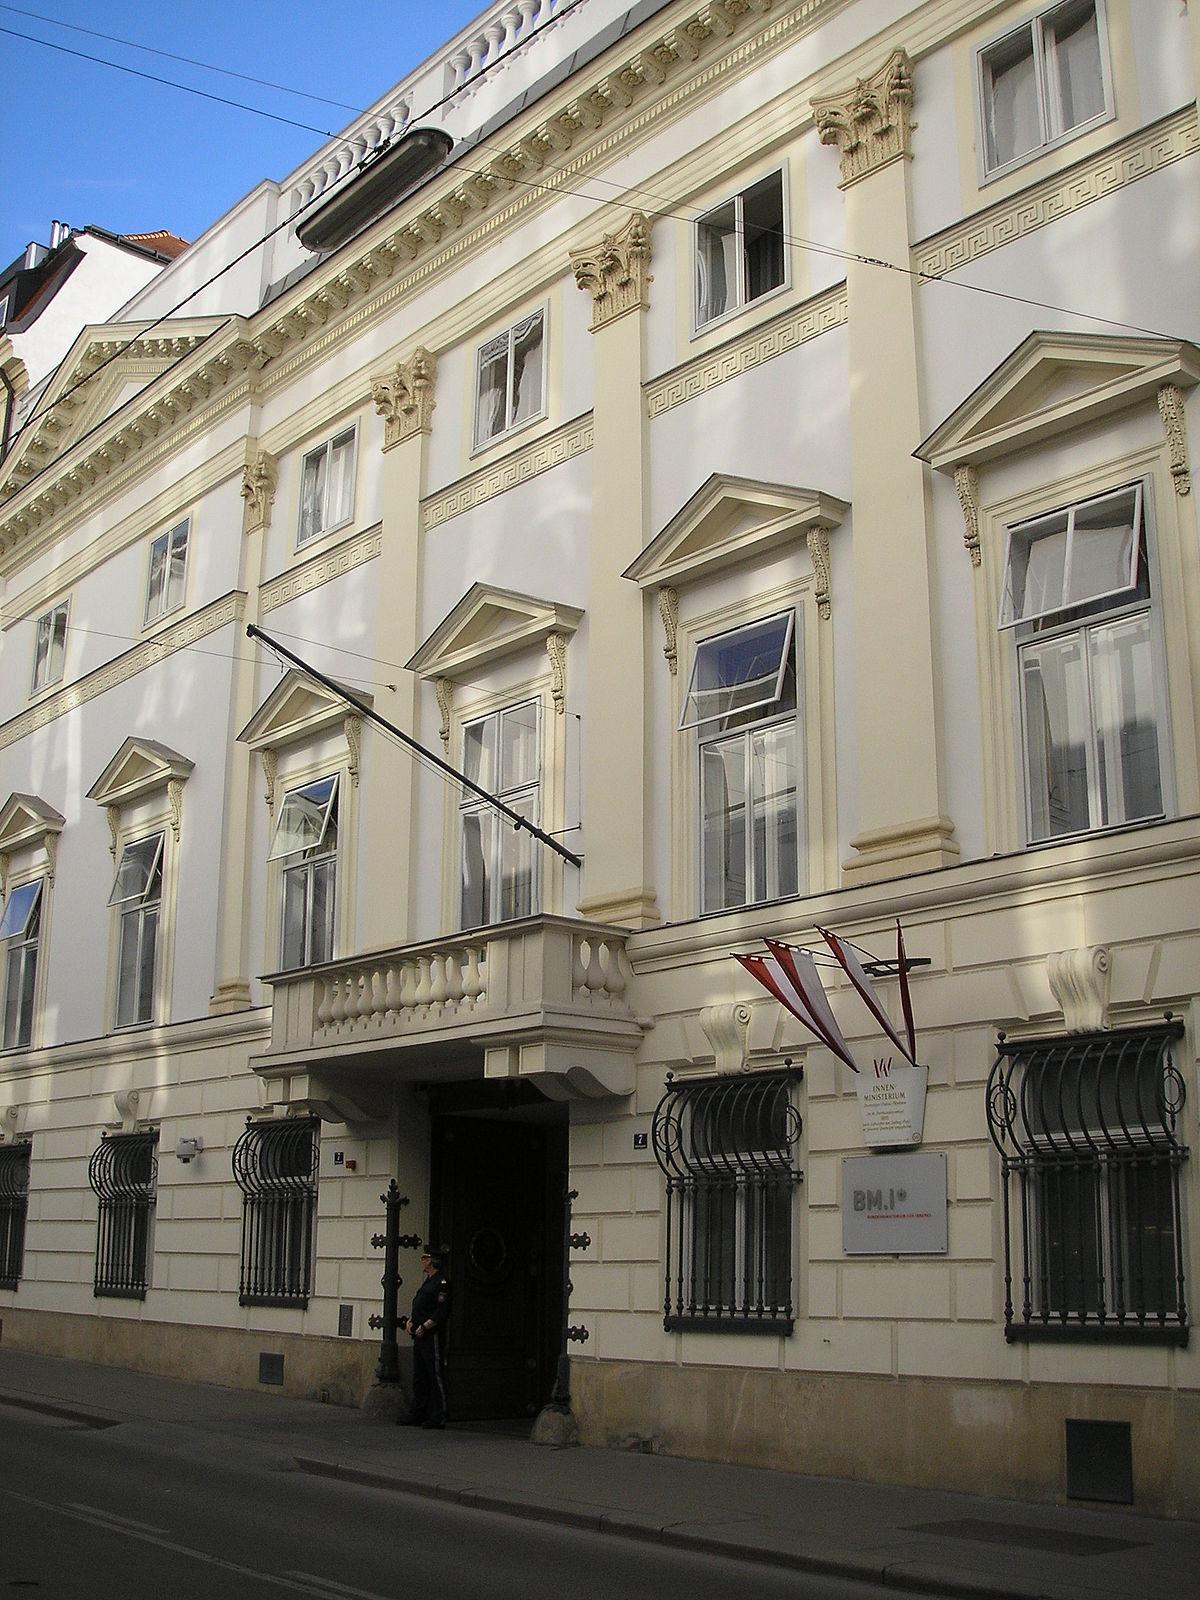 Palazzo Modena - Wikipedia